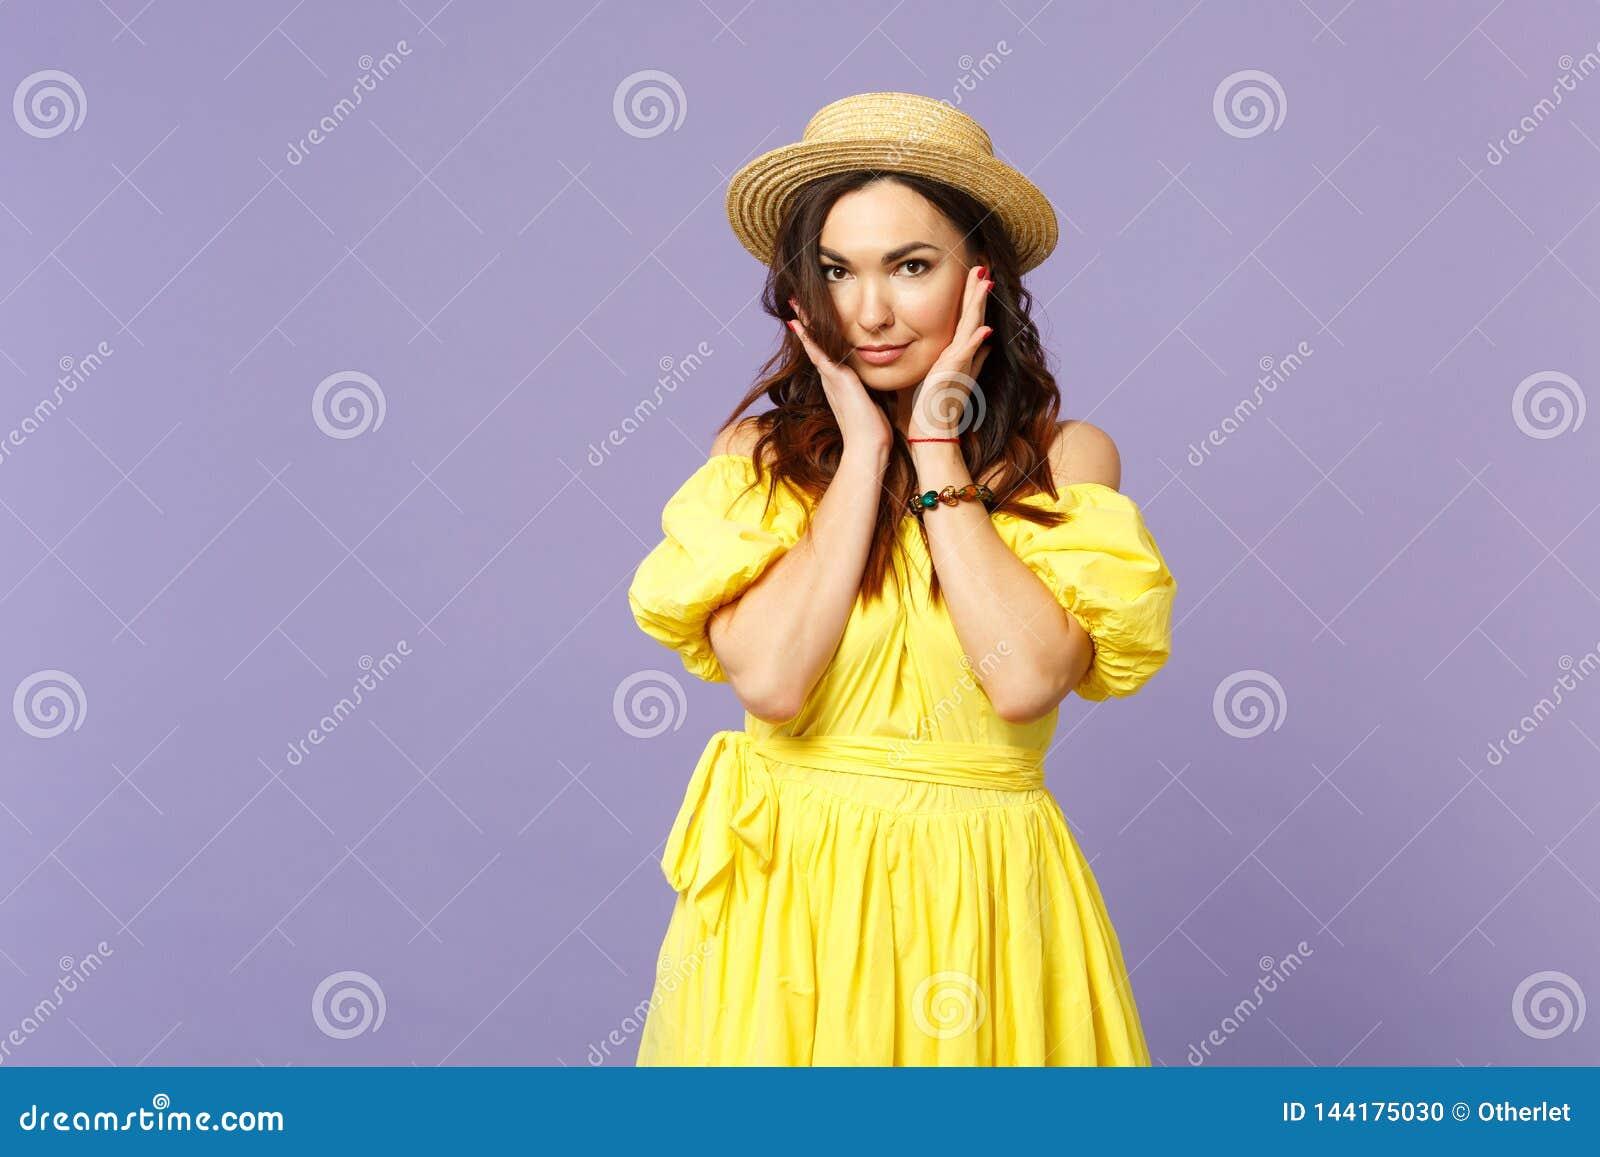 Hübsche junge Frau im gelben Kleid, Sommerhut setzte Hand sützen auf dem Kinn und schaute Kamera auf Pastellveilchen